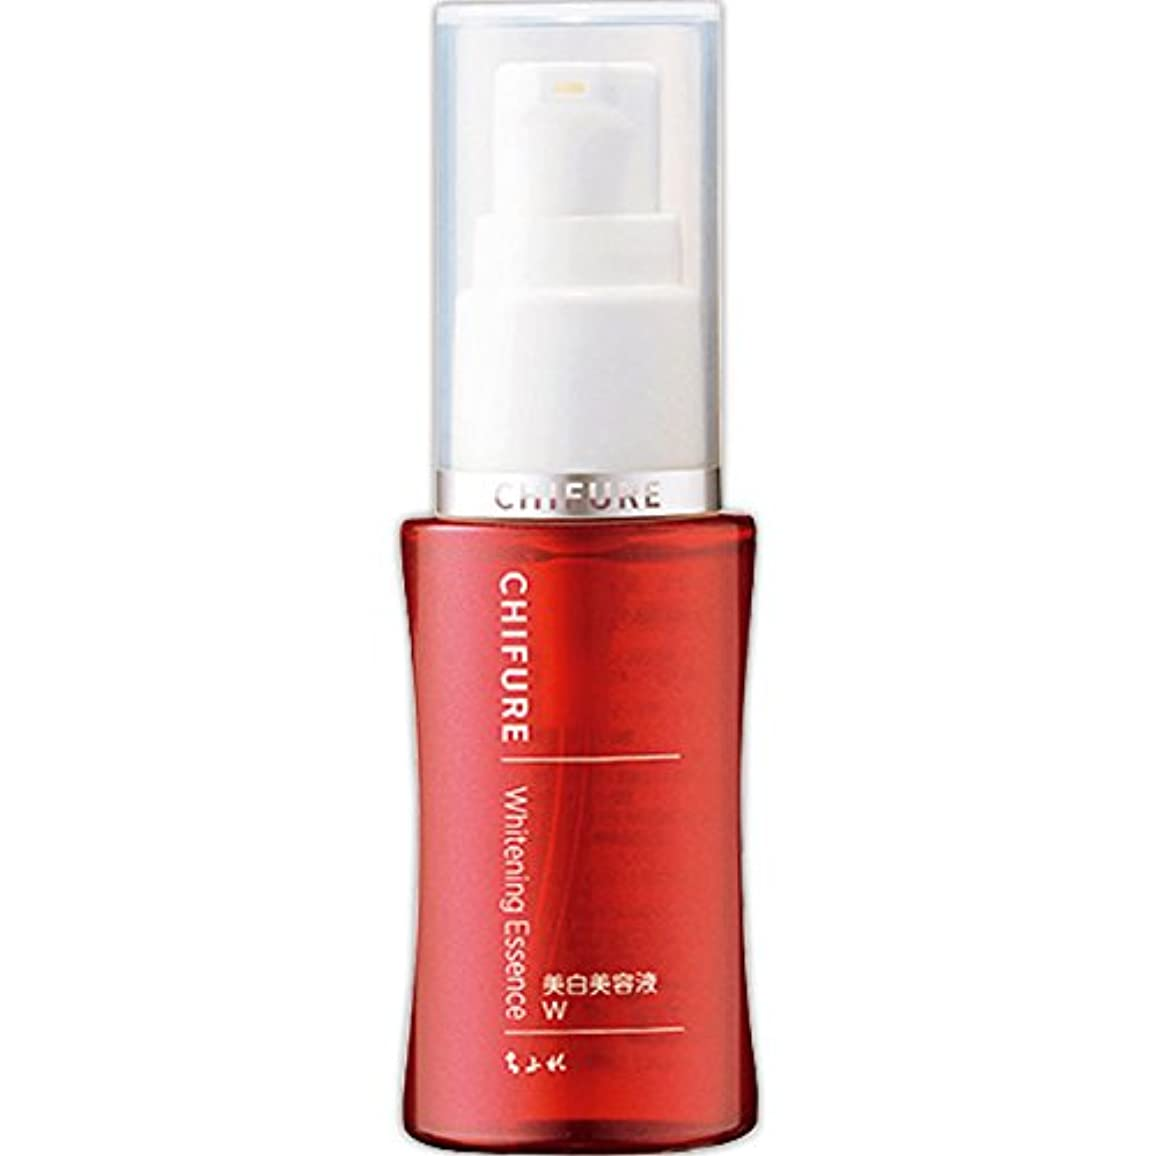 閉じる廃棄するなんとなくちふれ化粧品 美白美容液 W 30ML (医薬部外品)